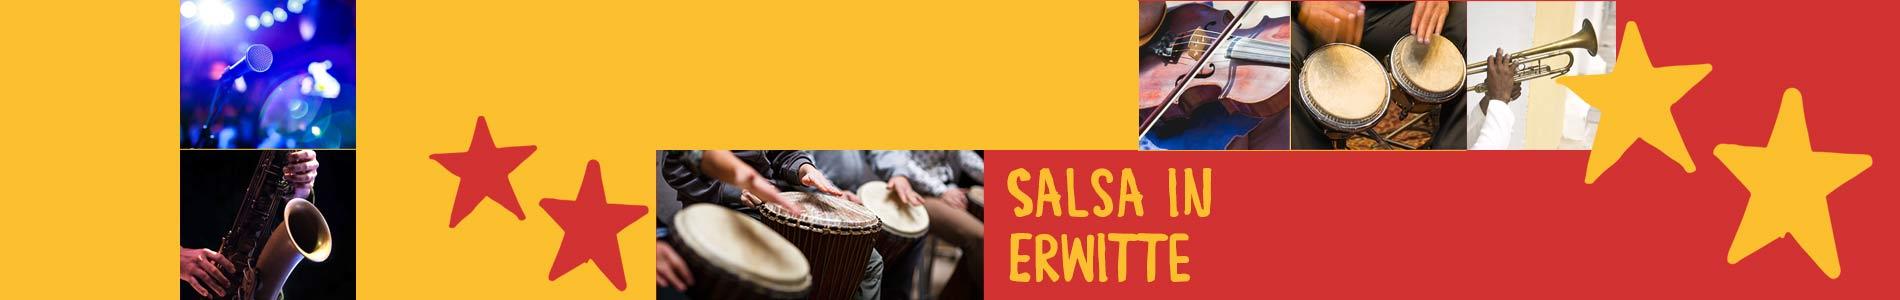 Salsa in Erwitte – Salsa lernen und tanzen, Tanzkurse, Partys, Veranstaltungen